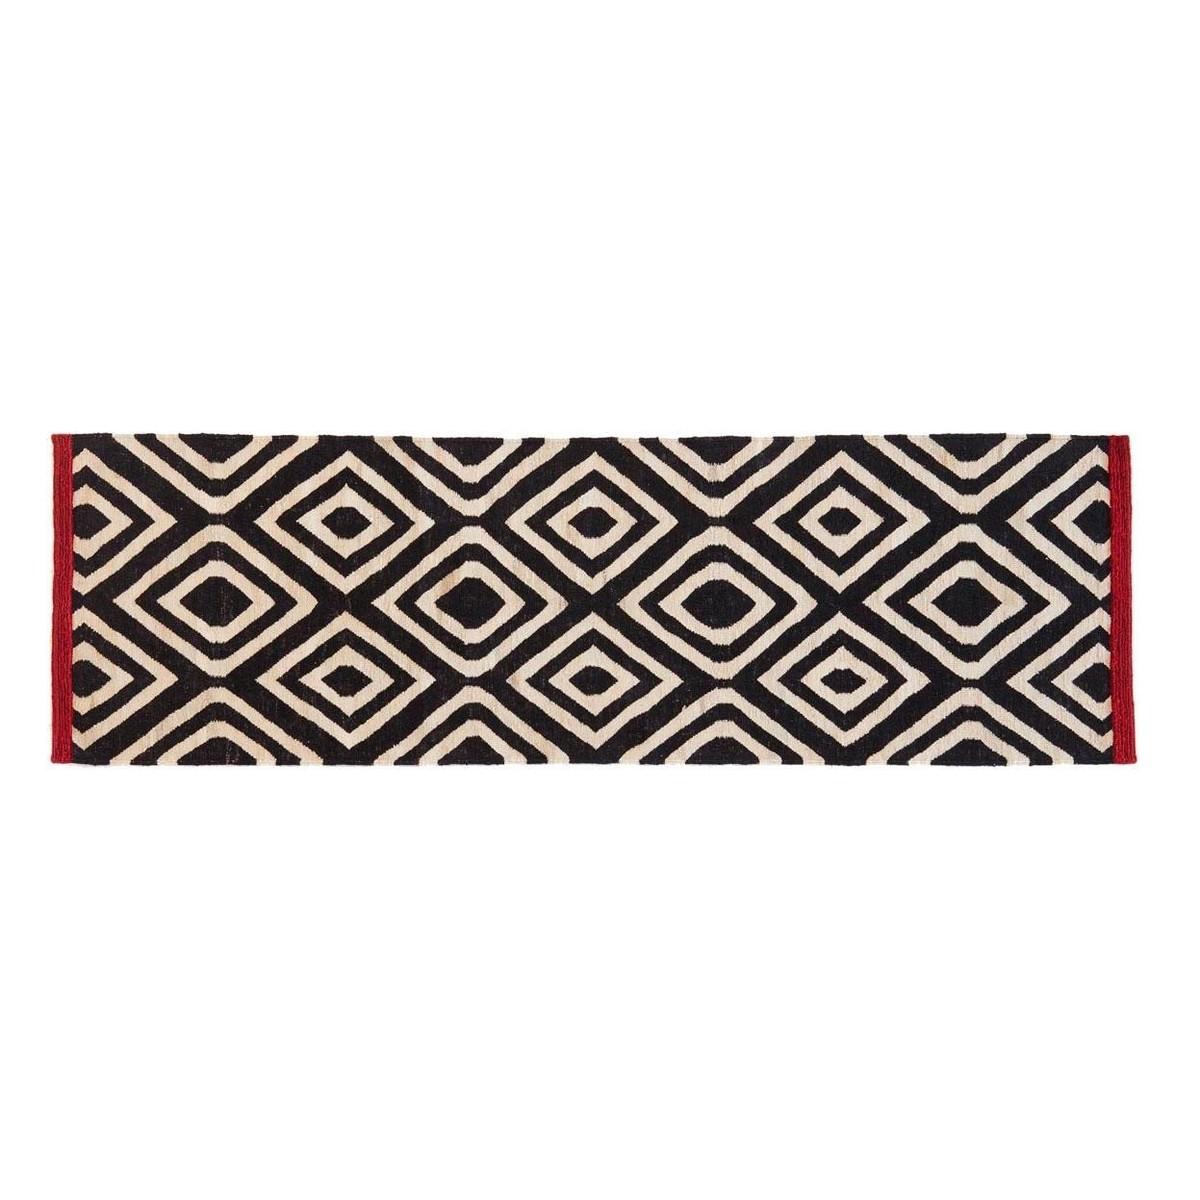 m lange pattern 1 kilim tapis de couloir nanimarquina. Black Bedroom Furniture Sets. Home Design Ideas